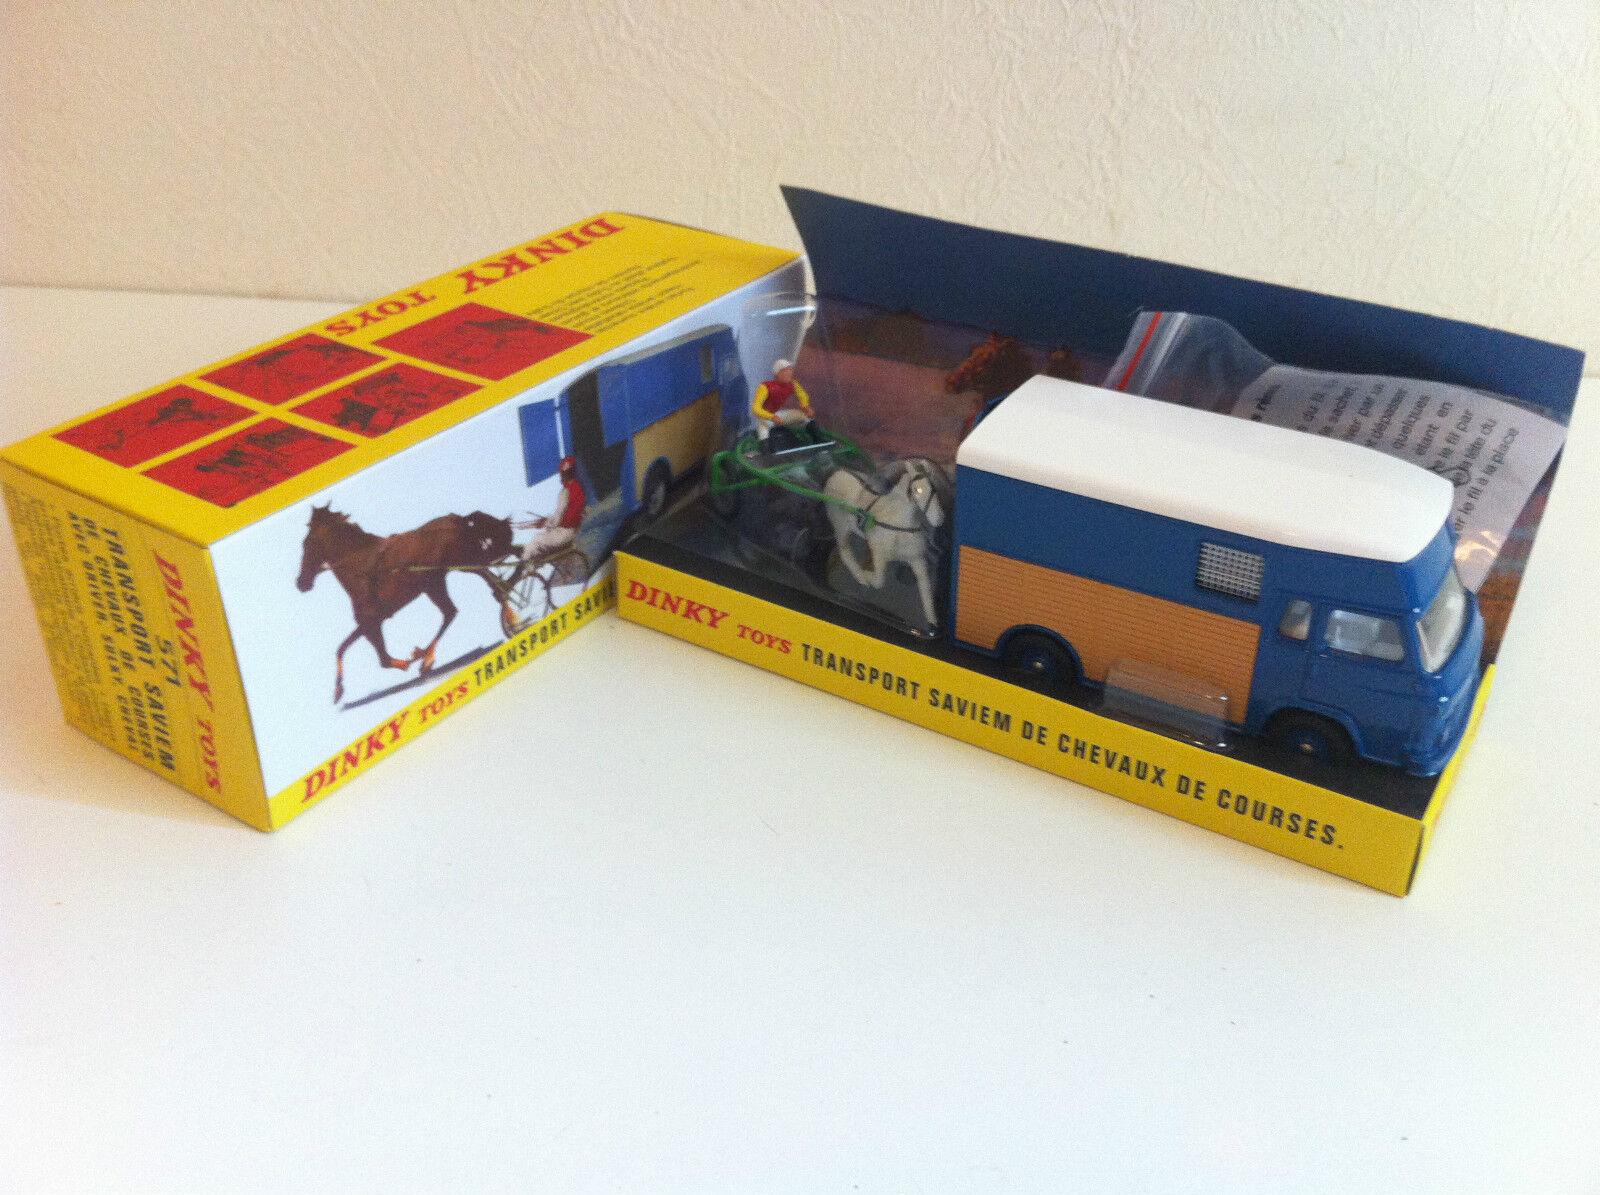 Dinky Toys Atlas - Transport Saviem de chevaux de course  (1 43)